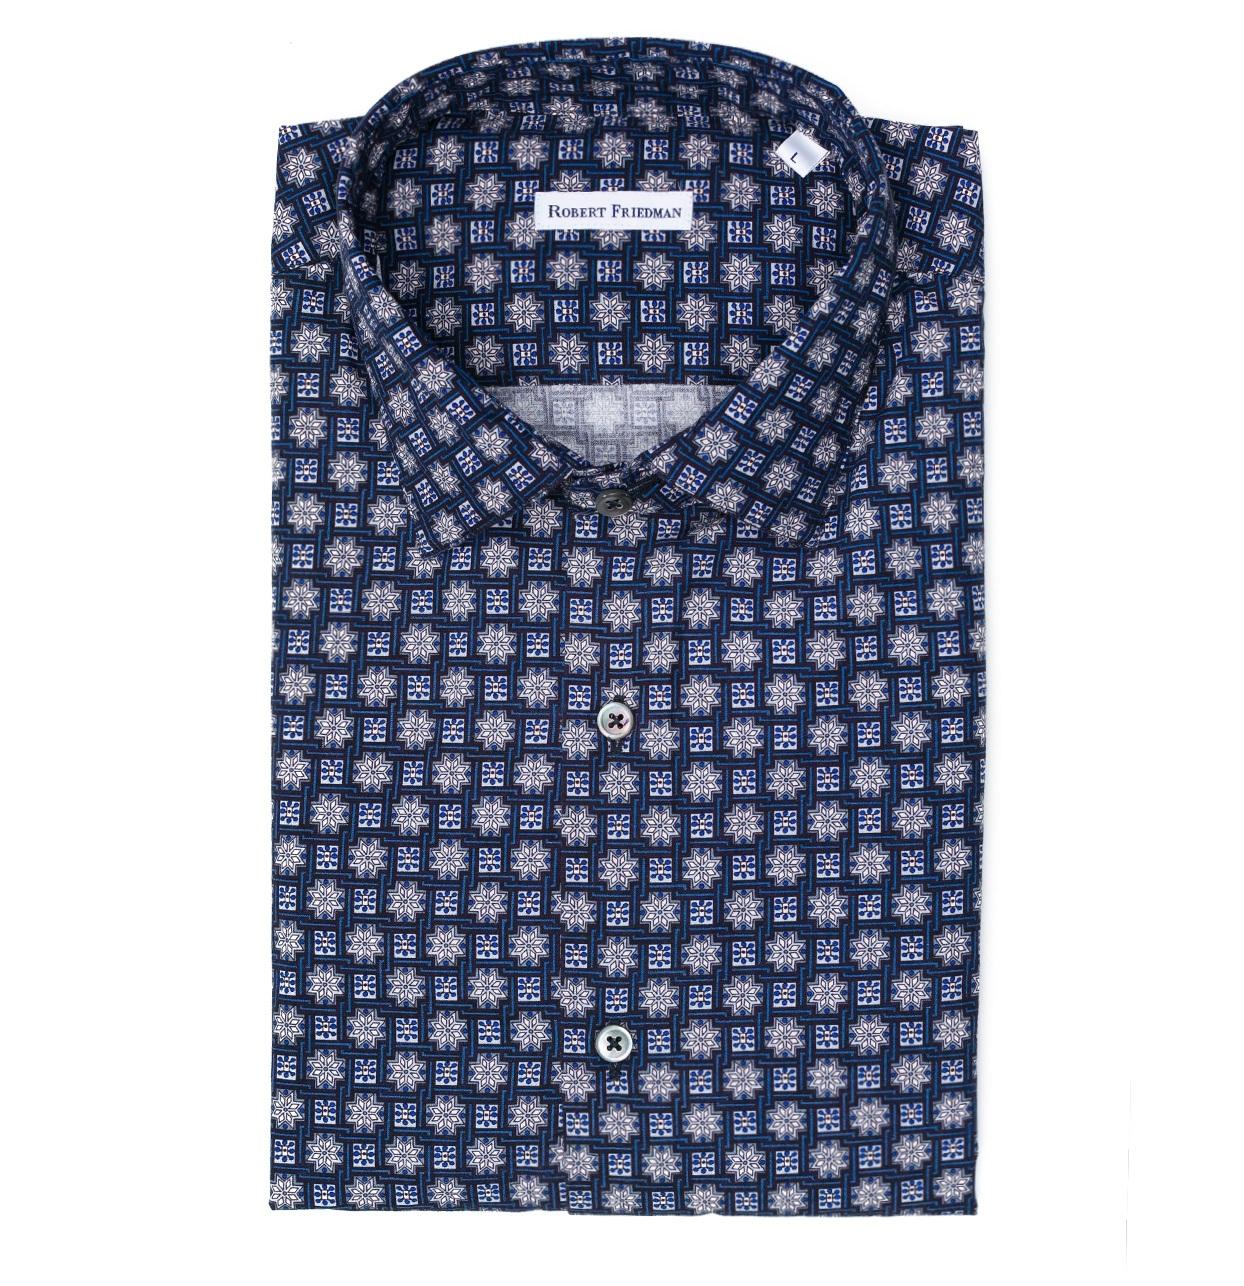 Camisa sport SLIM FIT modelo LEO RL dibujo geométrico color azul 100% algodón